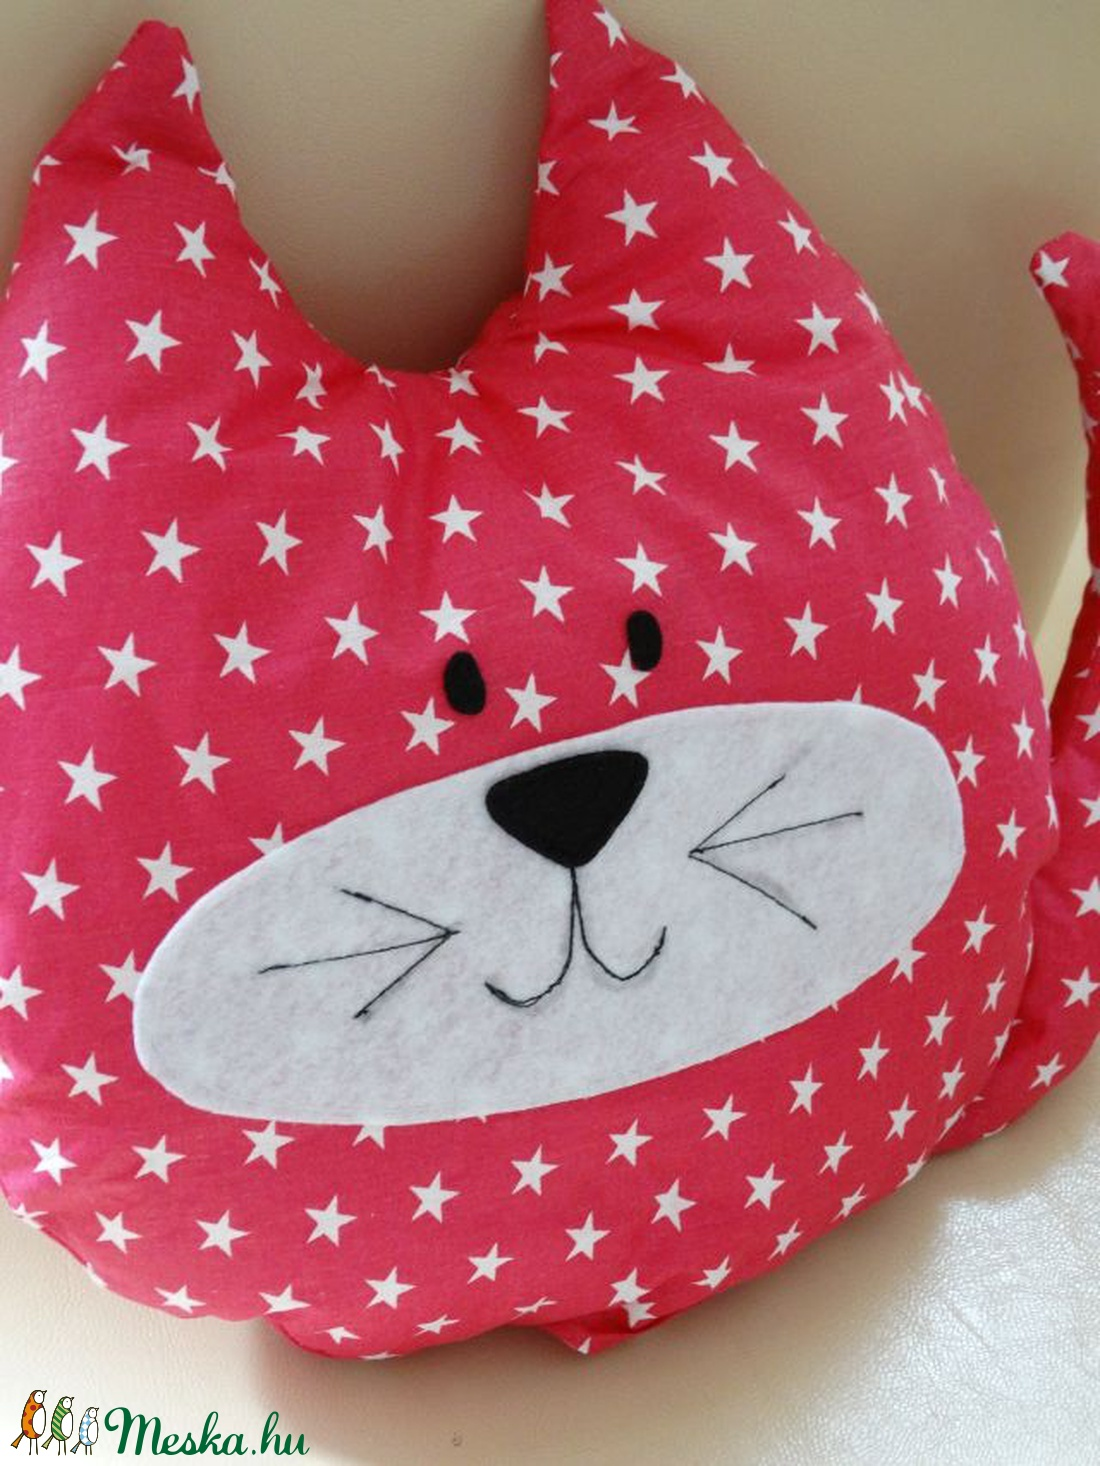 ... Pink Cica - Cica Figura - Cica párna - Textil játék - Textil figura  (filcdekor a284d3421c